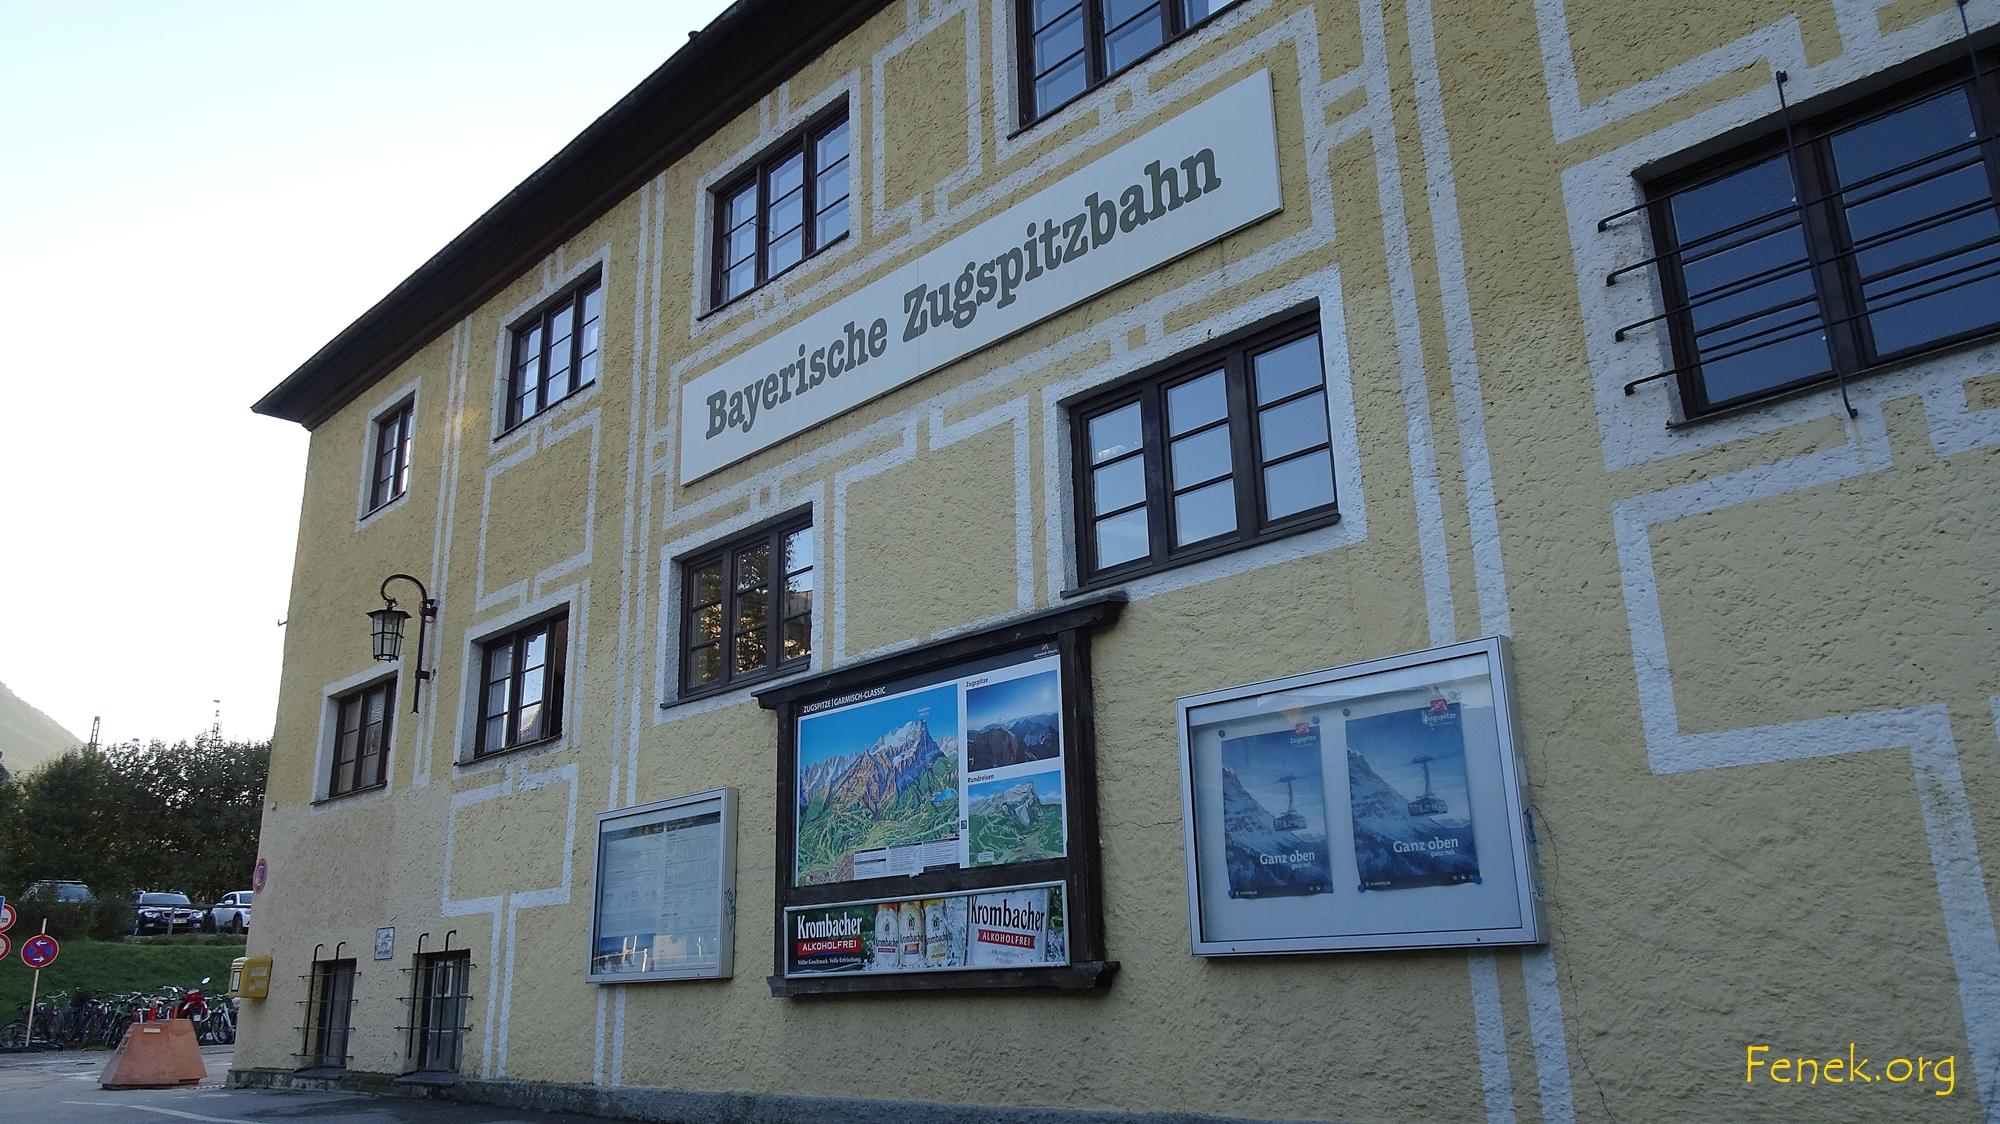 Bahnhof der Bahn zum Eibsee